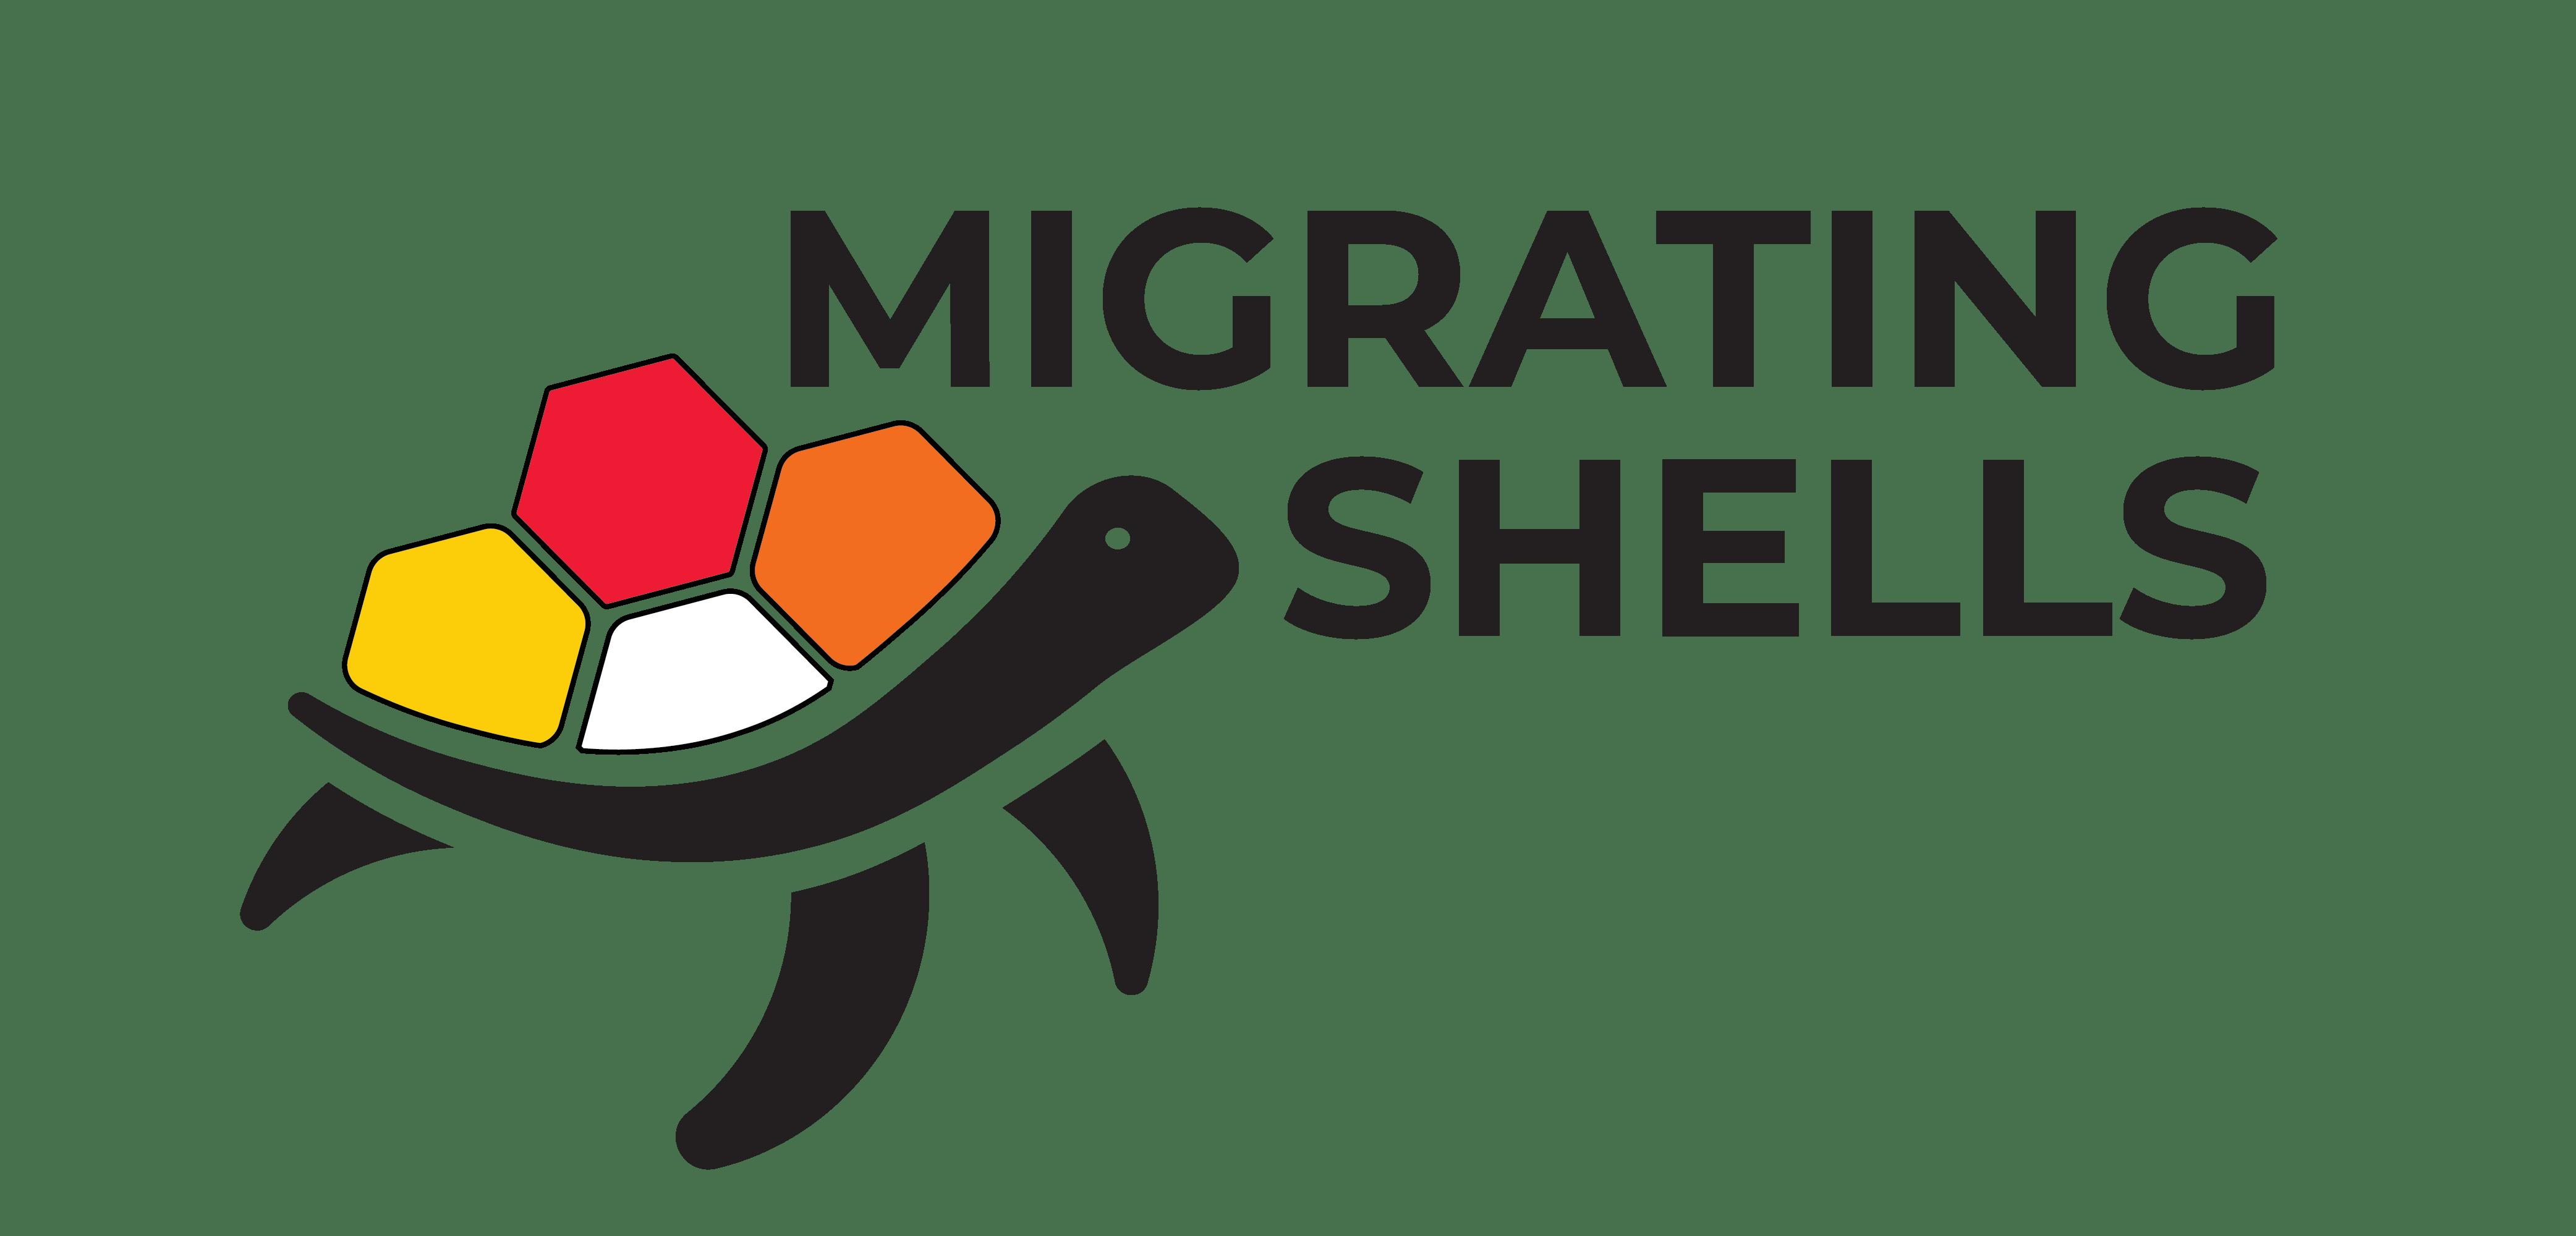 Migrating Shells